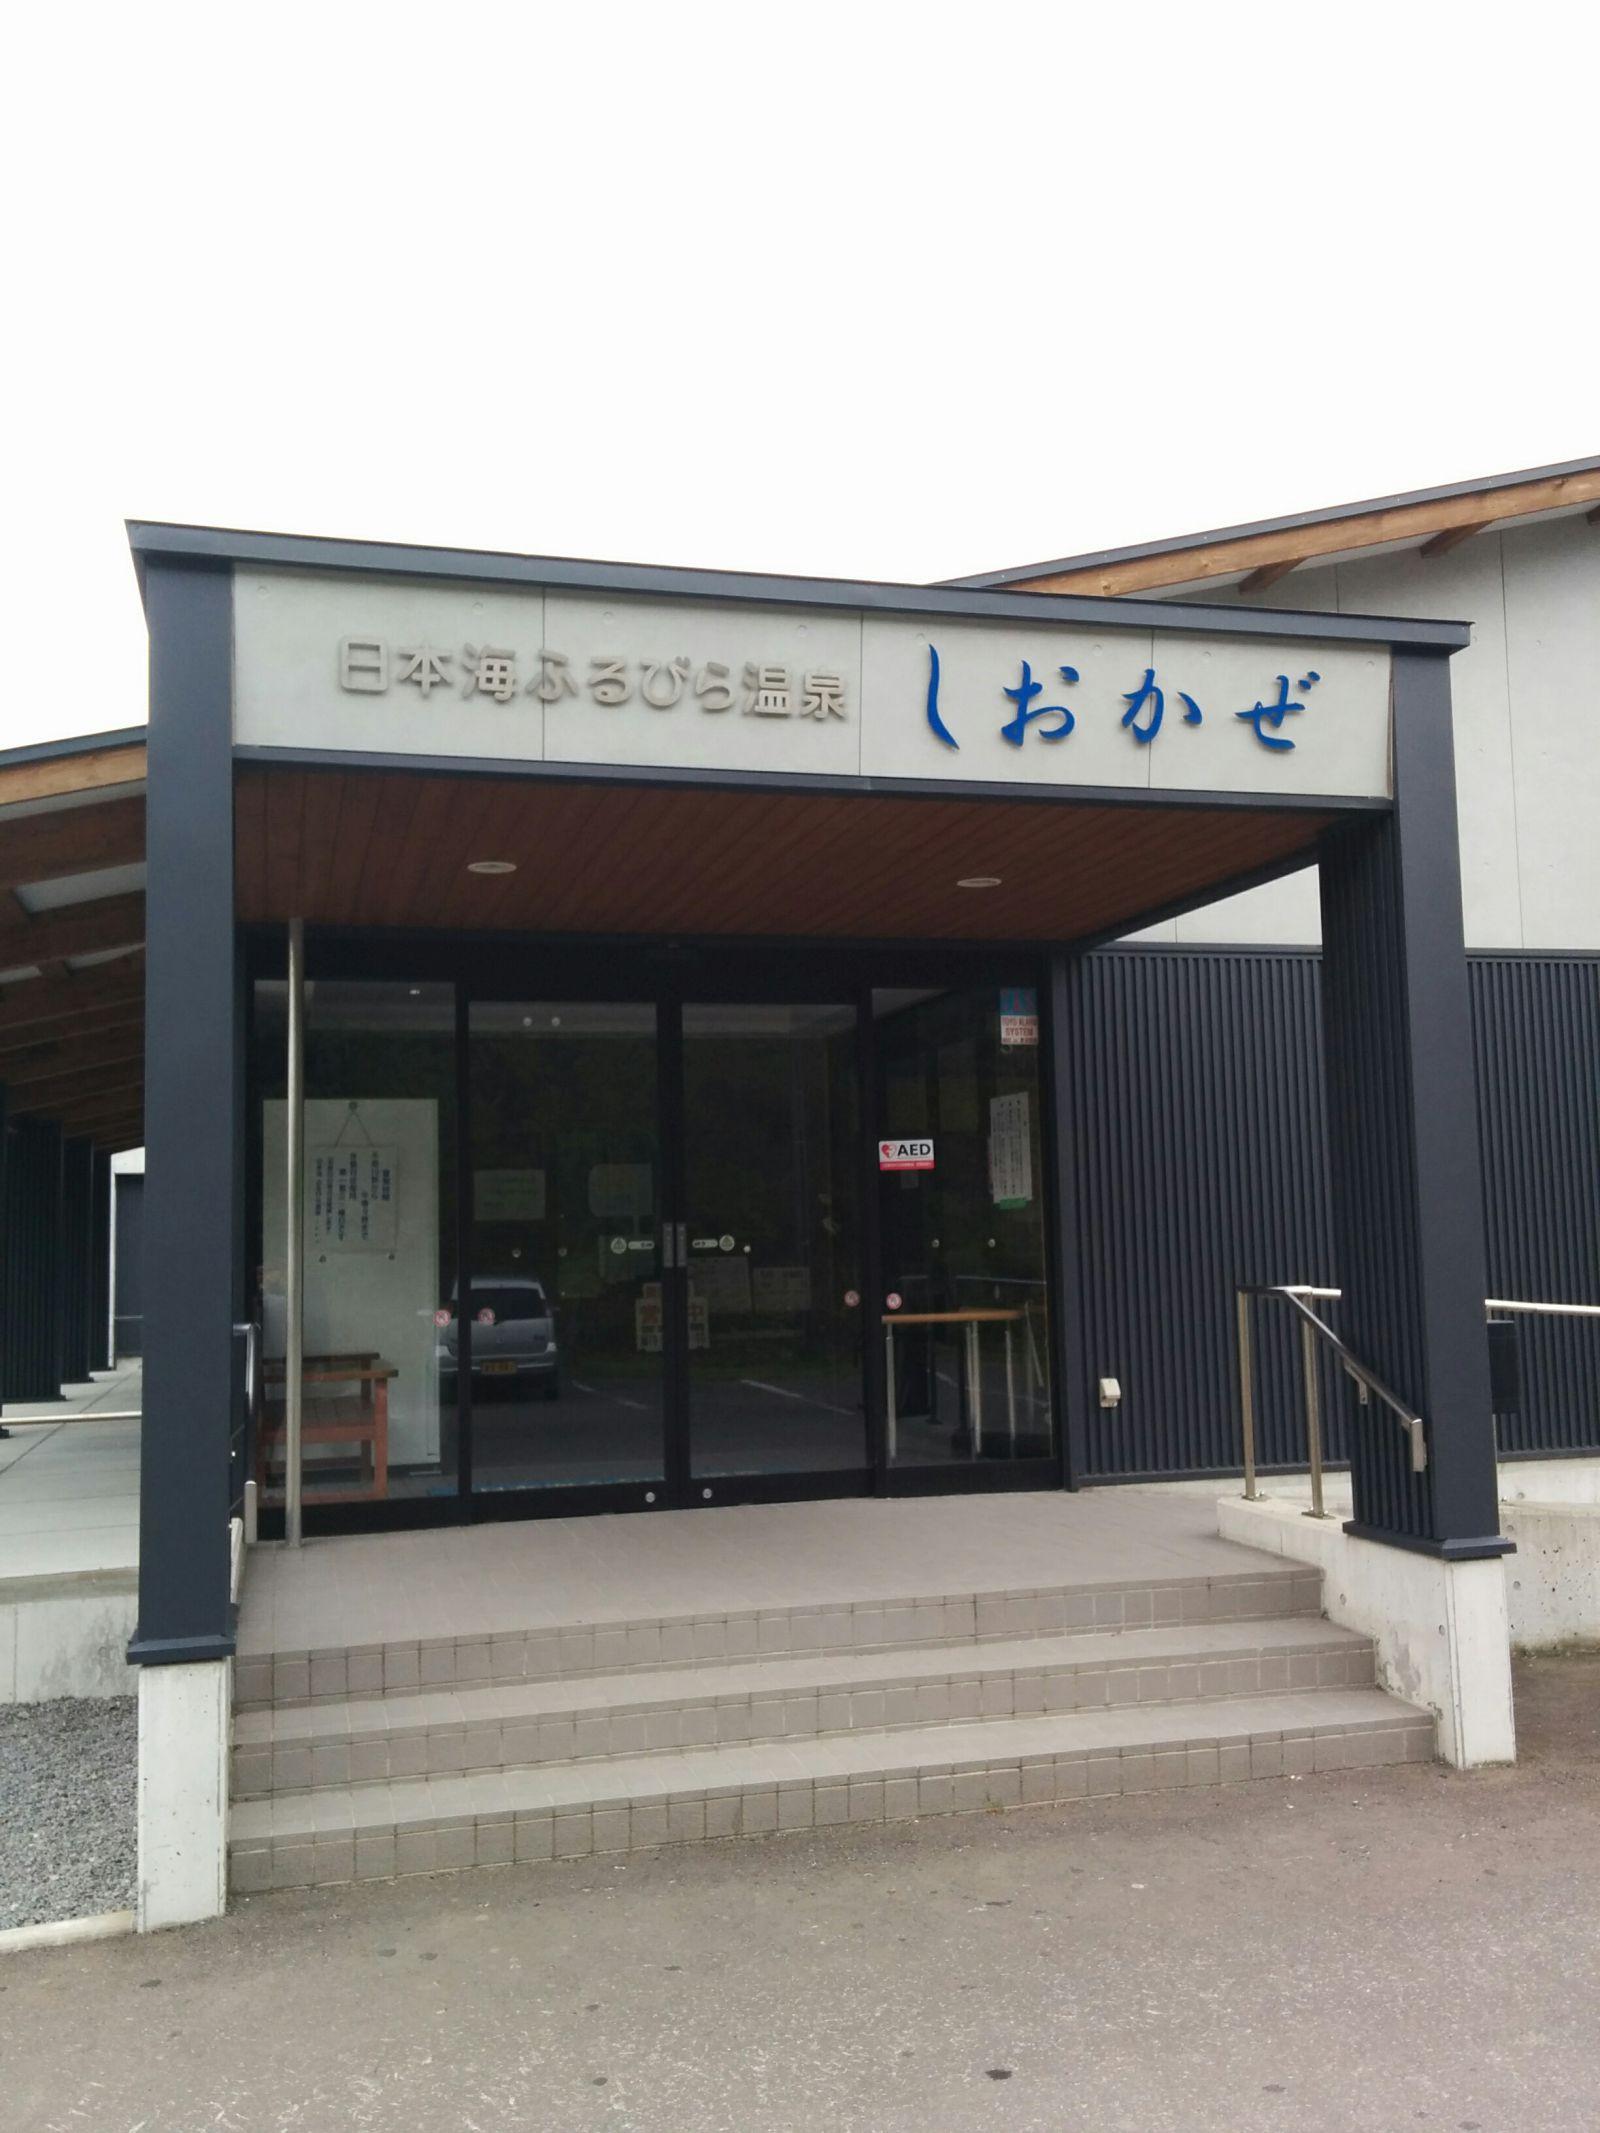 【古平町】古平町日本海ふるびら温泉しおかぜ観光案内です。